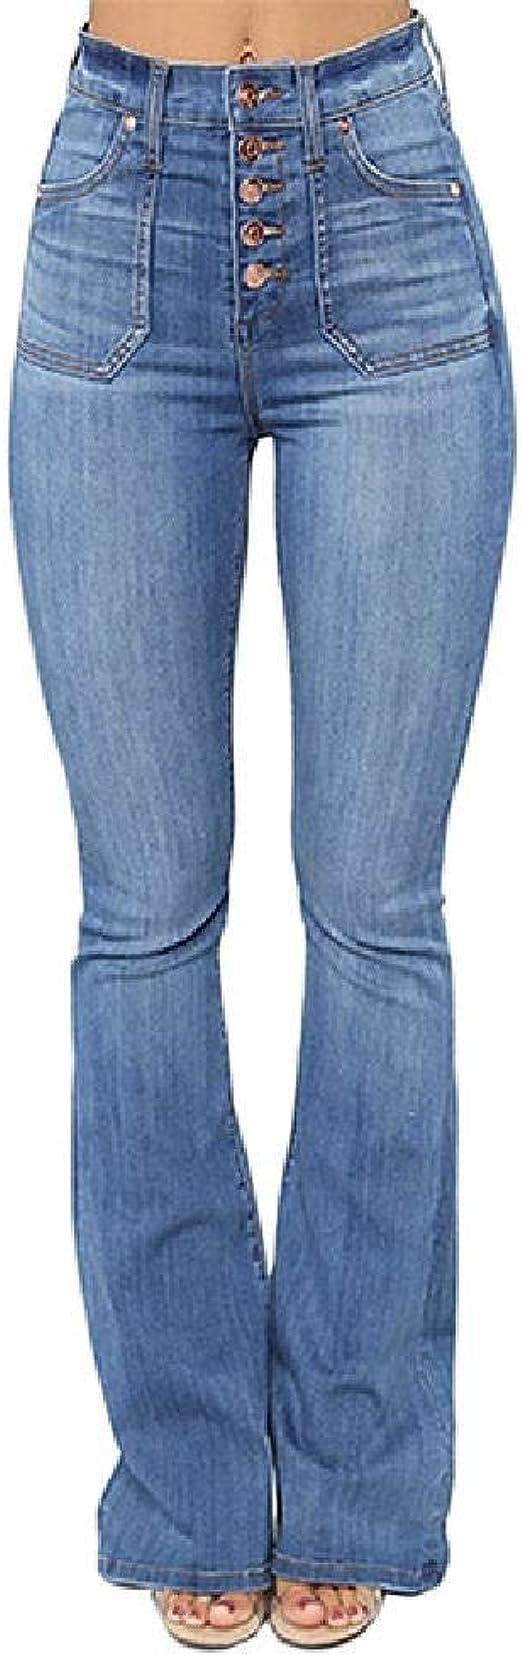 Nobrand Pantalones Vaqueros Acampanados De Boton Alto Elastico De Cintura Alta Para Mujer Pantalones Casuales Para Mujer Talla Xs Xxl Vaqueros Ropa